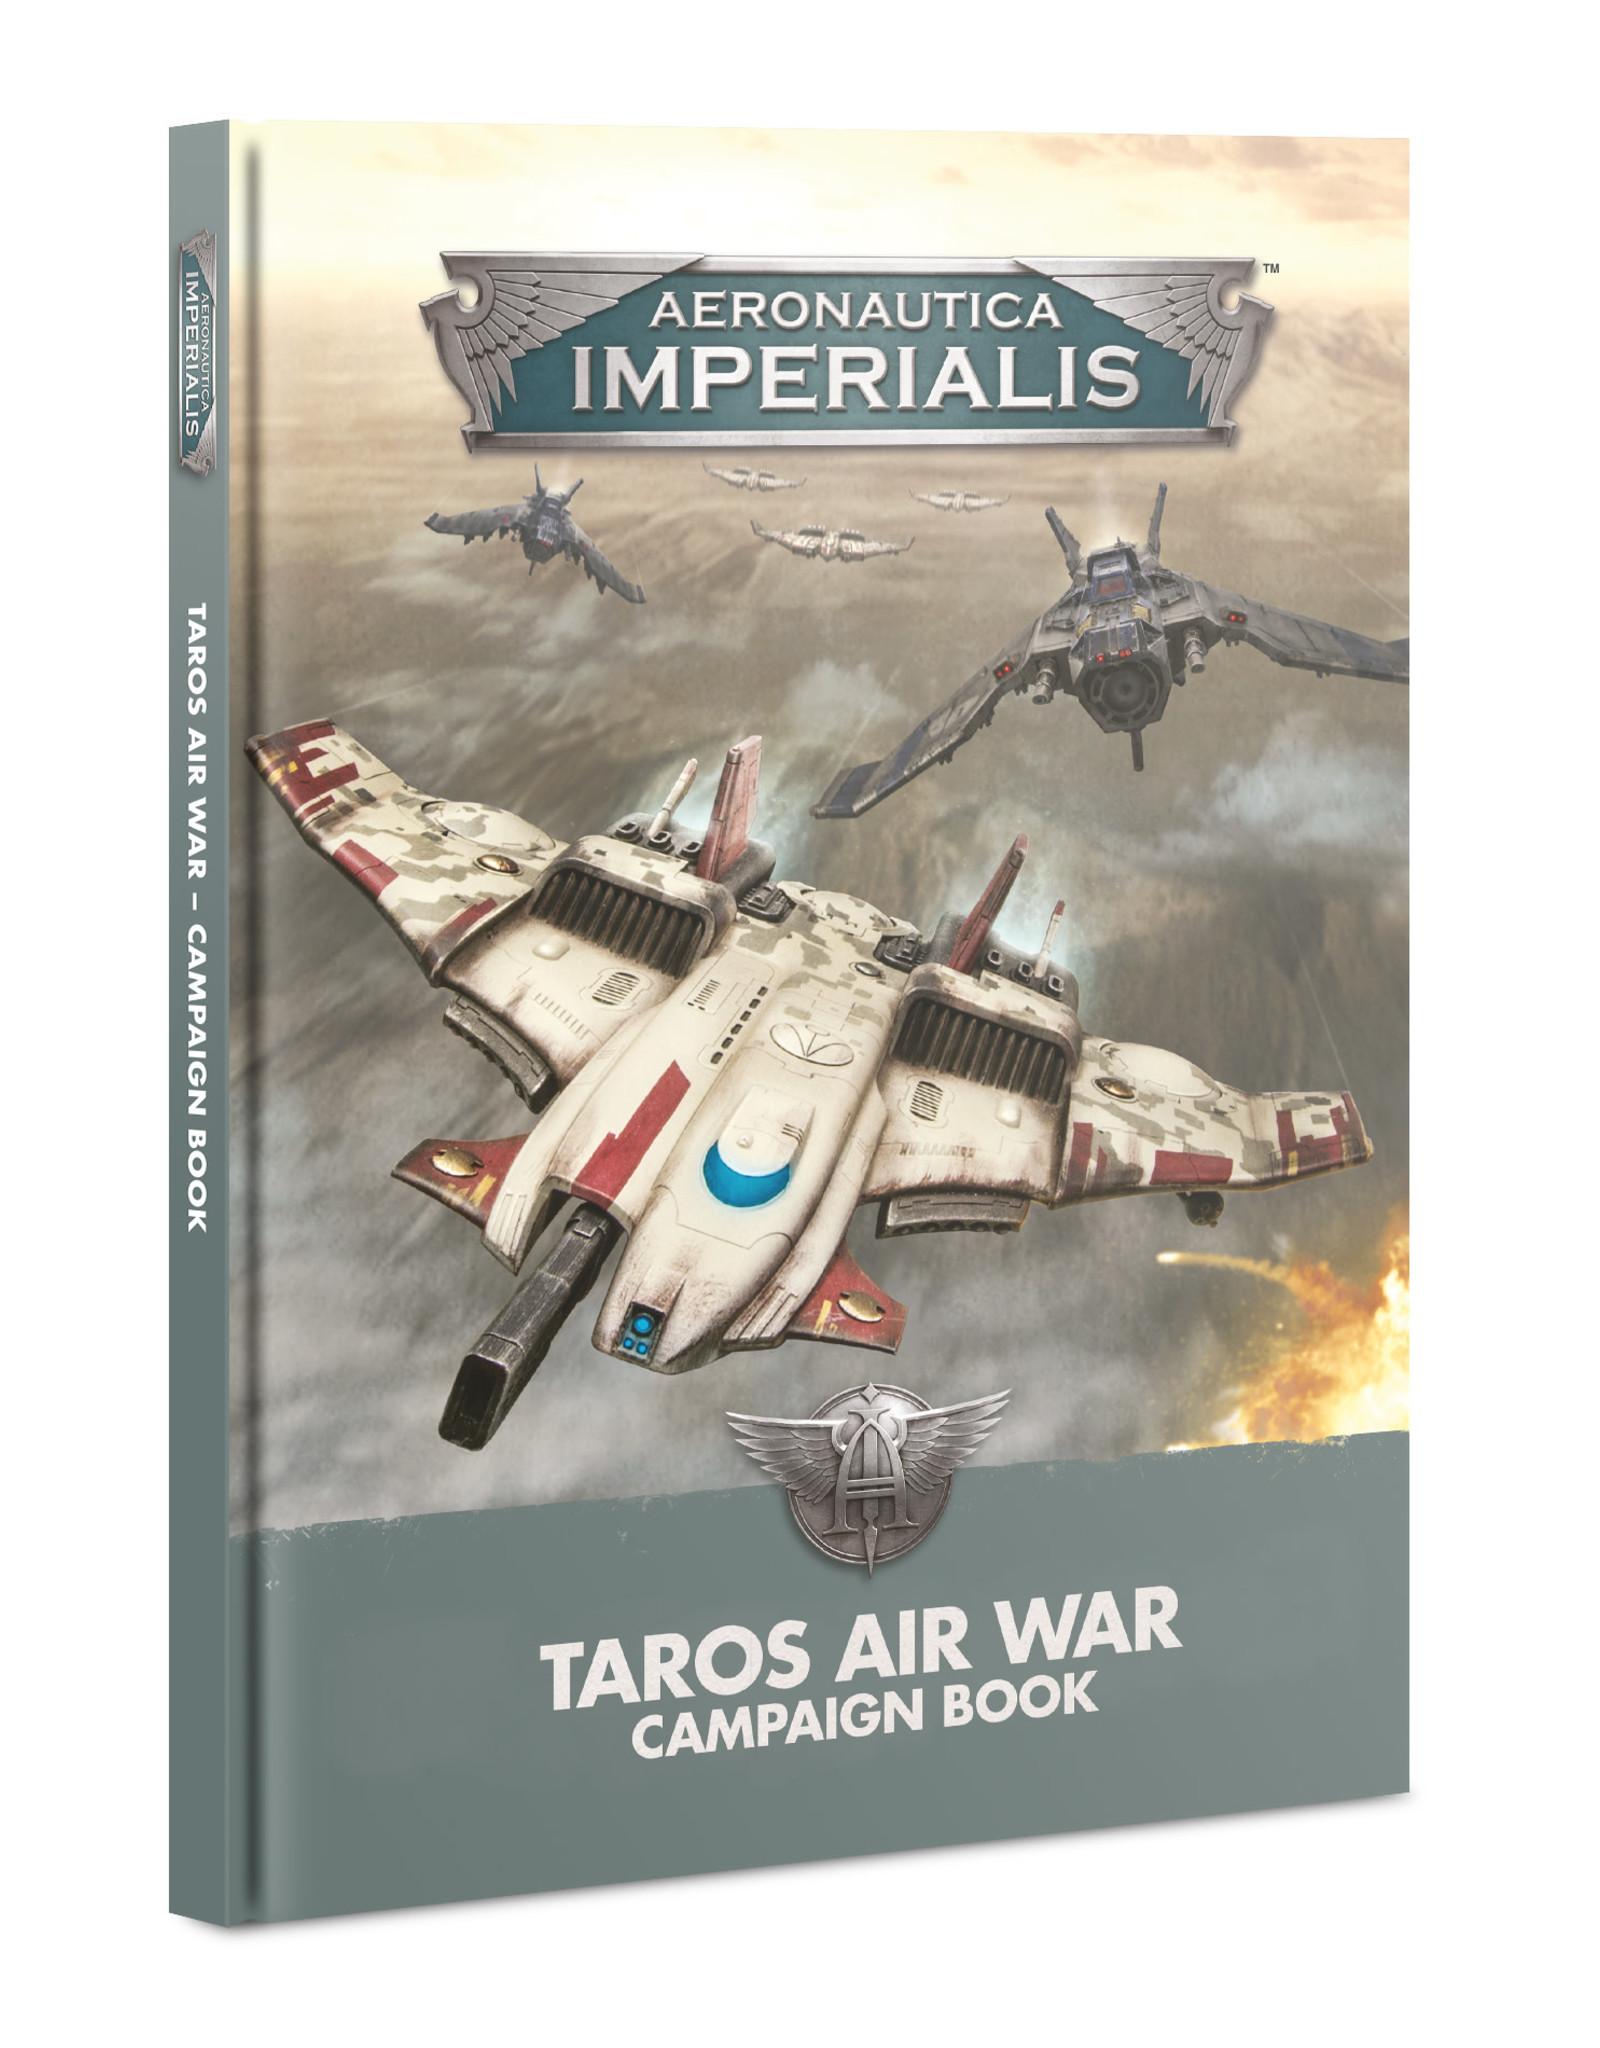 Aeronautica Imperialis Aeronautica Imperialis: Taros Air War